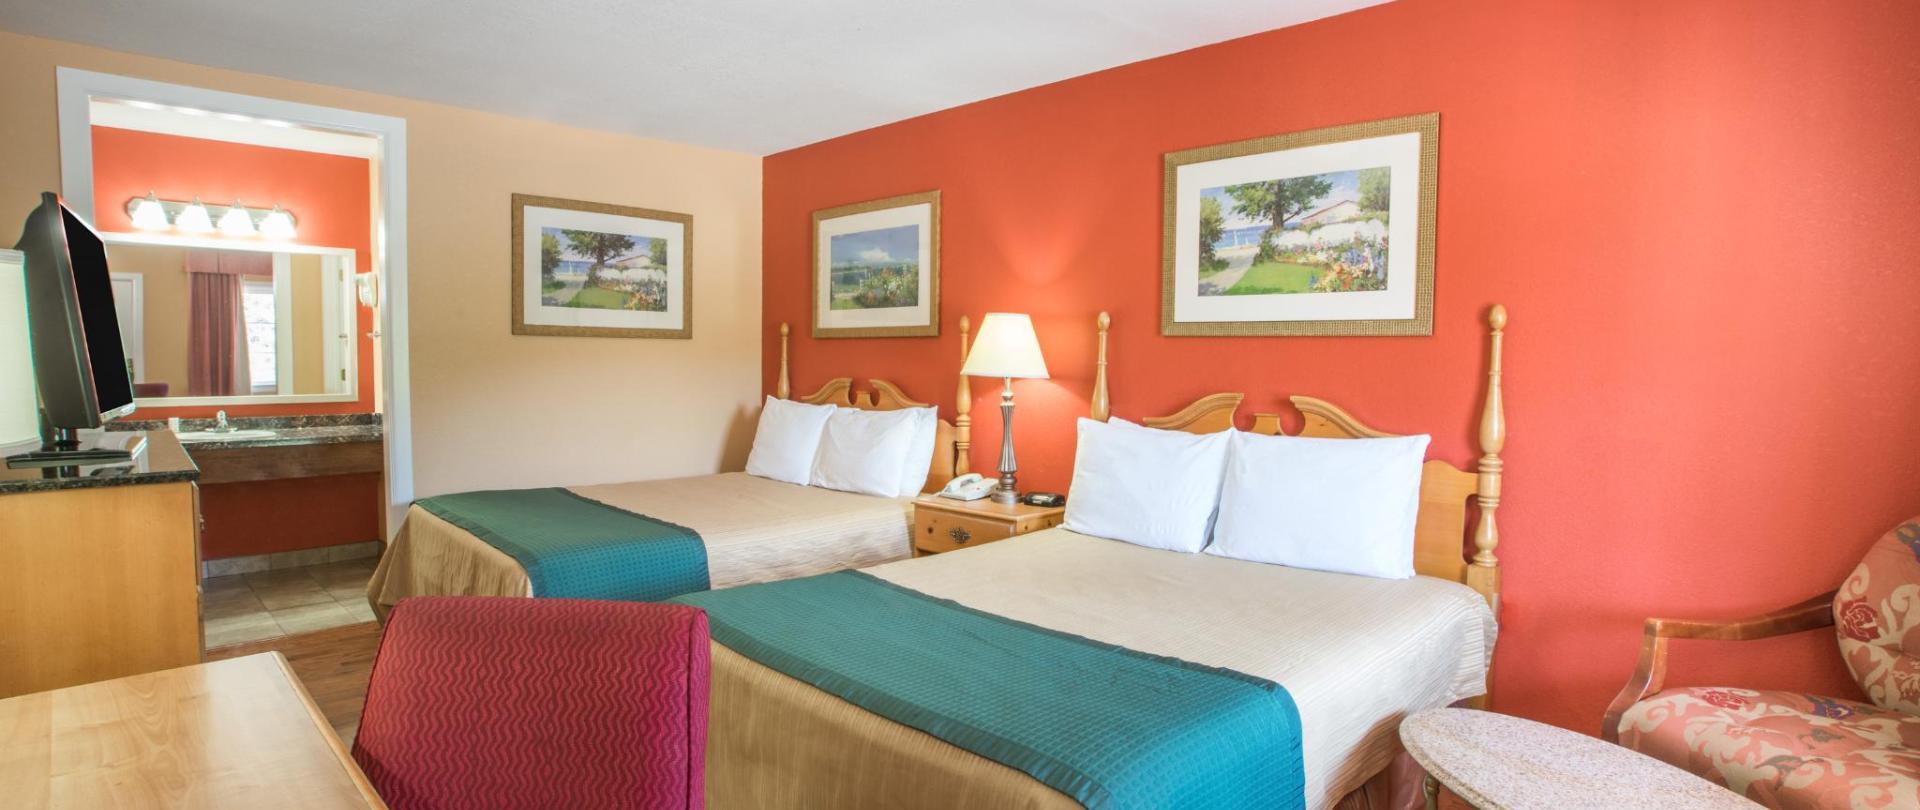 Dos camas tamaño queen NSMK